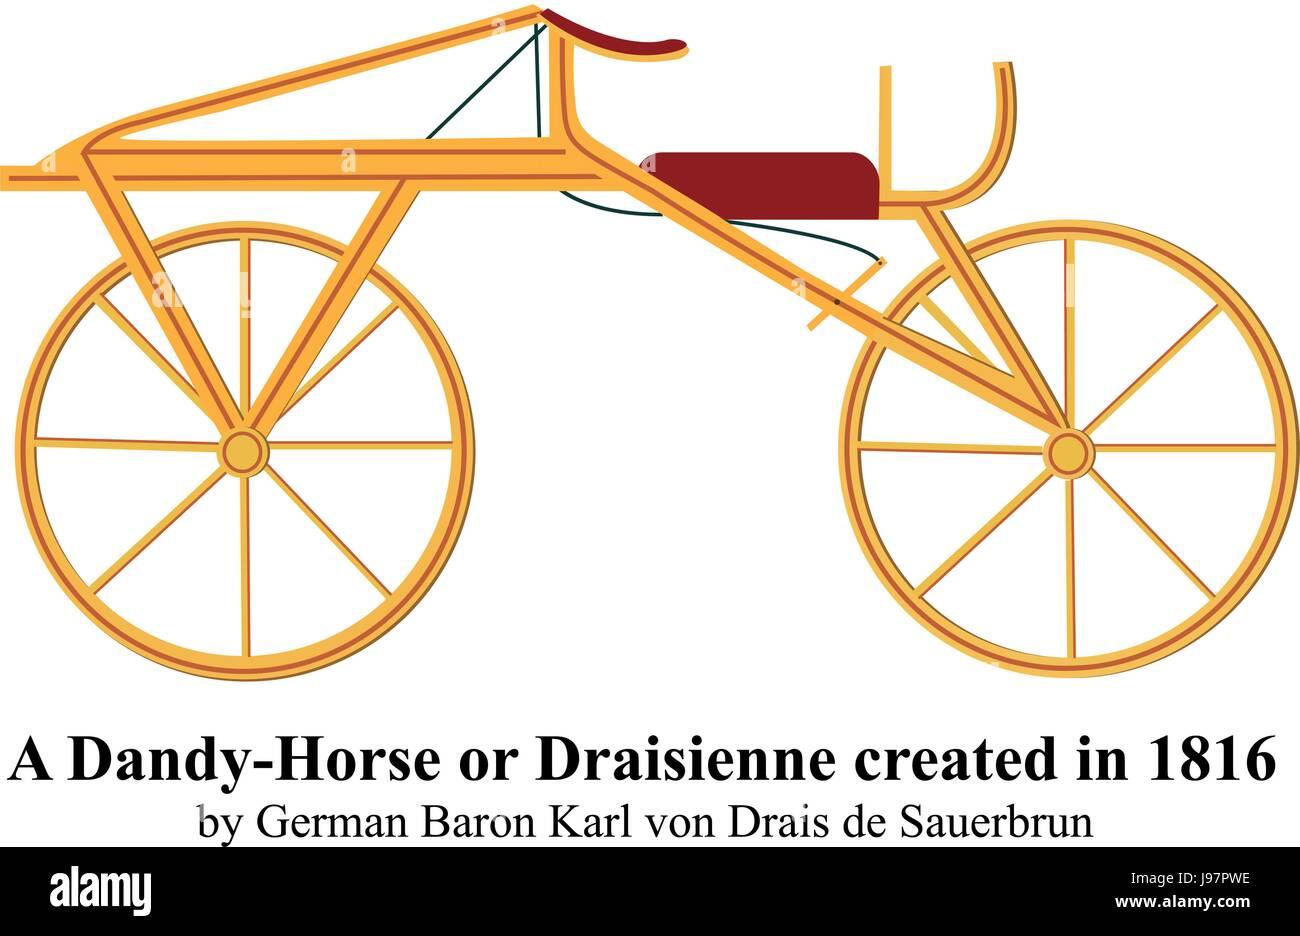 Un Dandy-Horse o Draisienne creado en 1816 por el barón alemán Karl von Drais de Sauerbrun ilustración vectorial. Ilustración del Vector